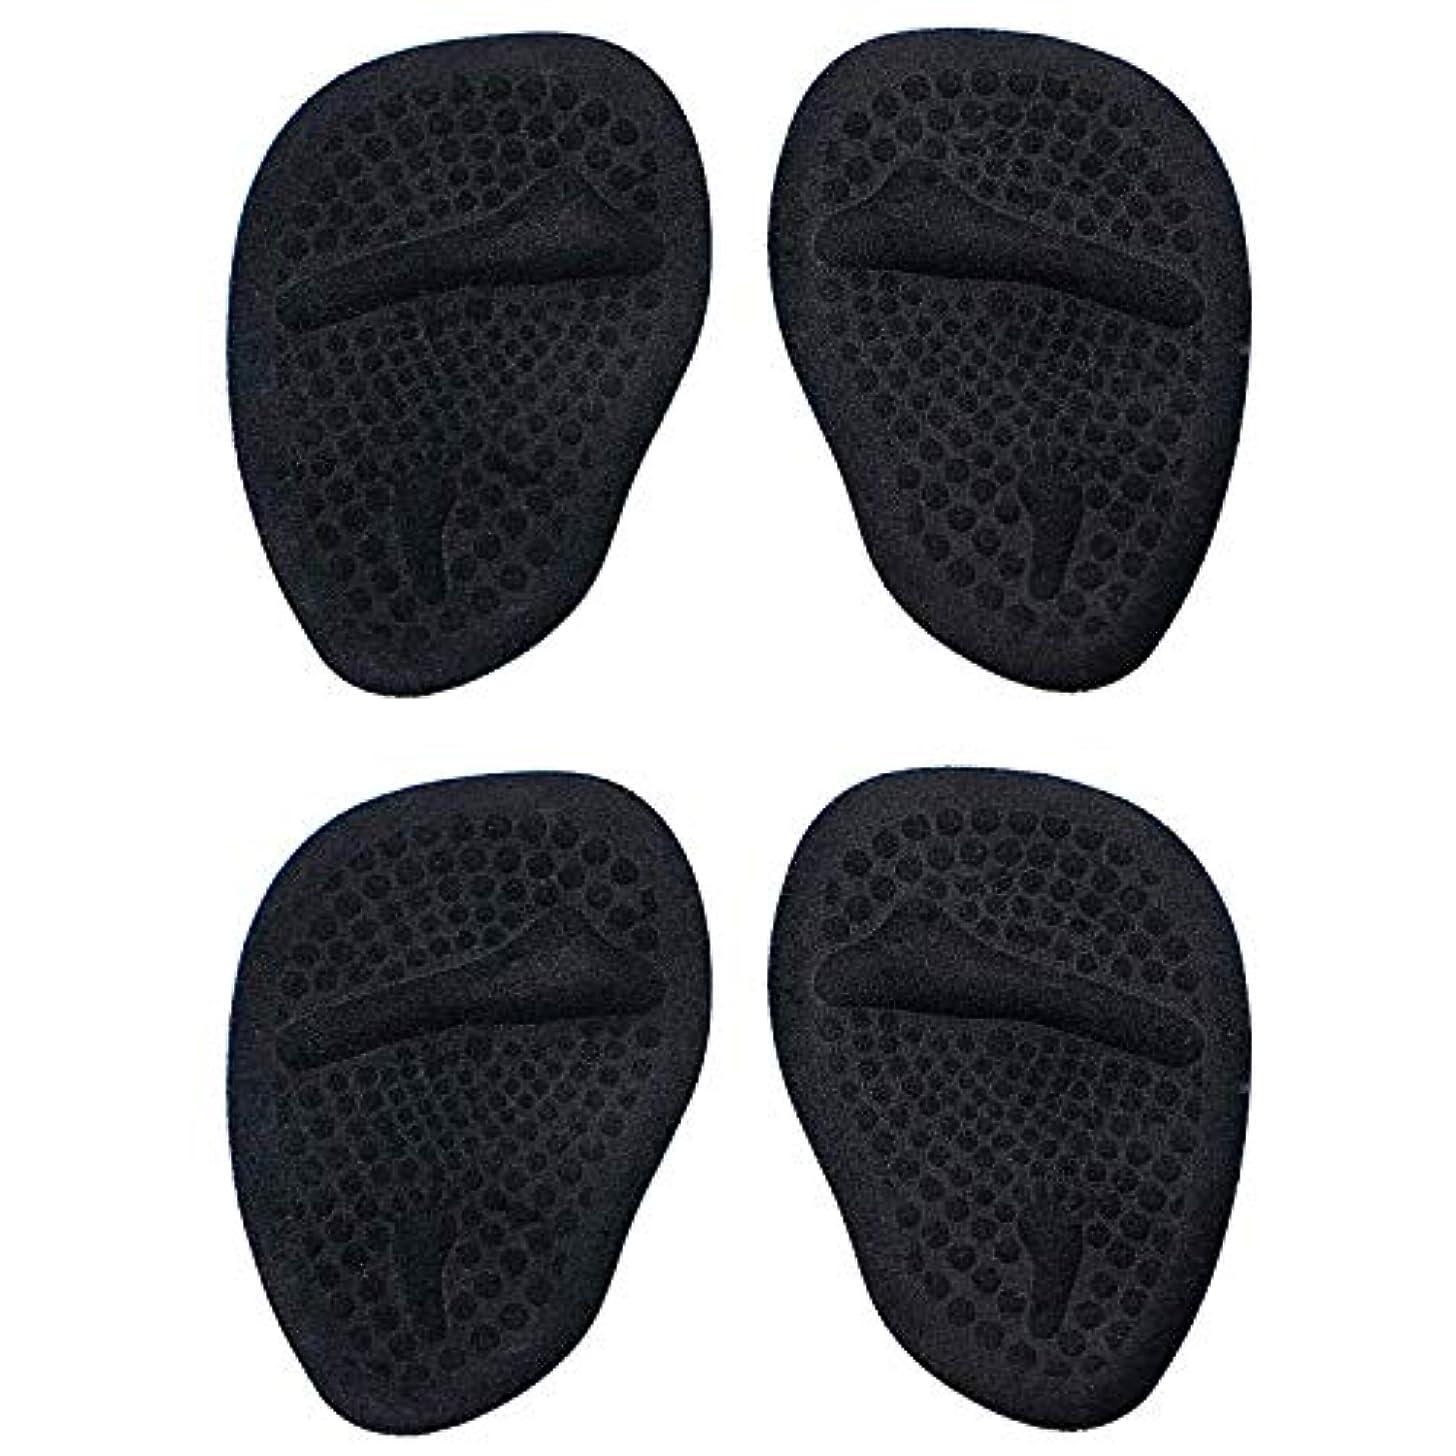 サーキュレーション活性化安価な脛骨パッド、フットクッションのボール、接着性フォアフットパッド、女性用ハイヒール用中足骨パッド、あらゆる靴インサート用の汗を吸収する快適な痛み緩和フットパッド。